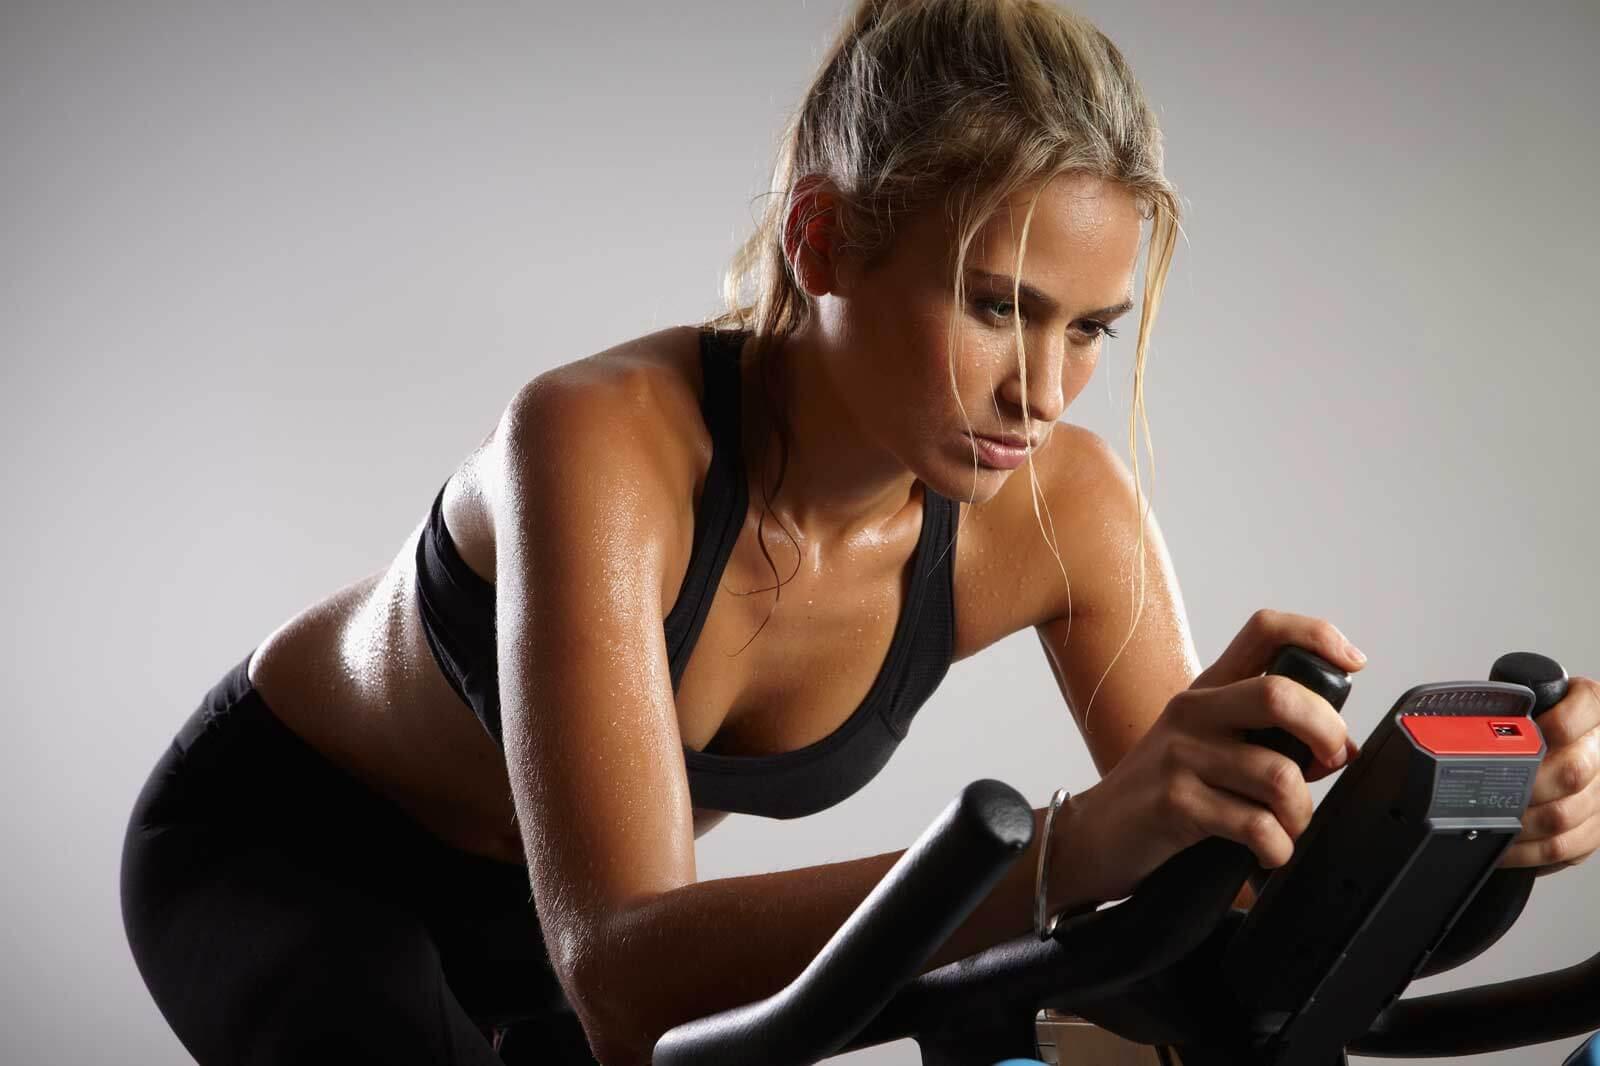 Тренировка Велотренажер Для Похудения. Тренировки на велотренажере для похудения. Система для сжигания жира для начинающих женщин и мужчин